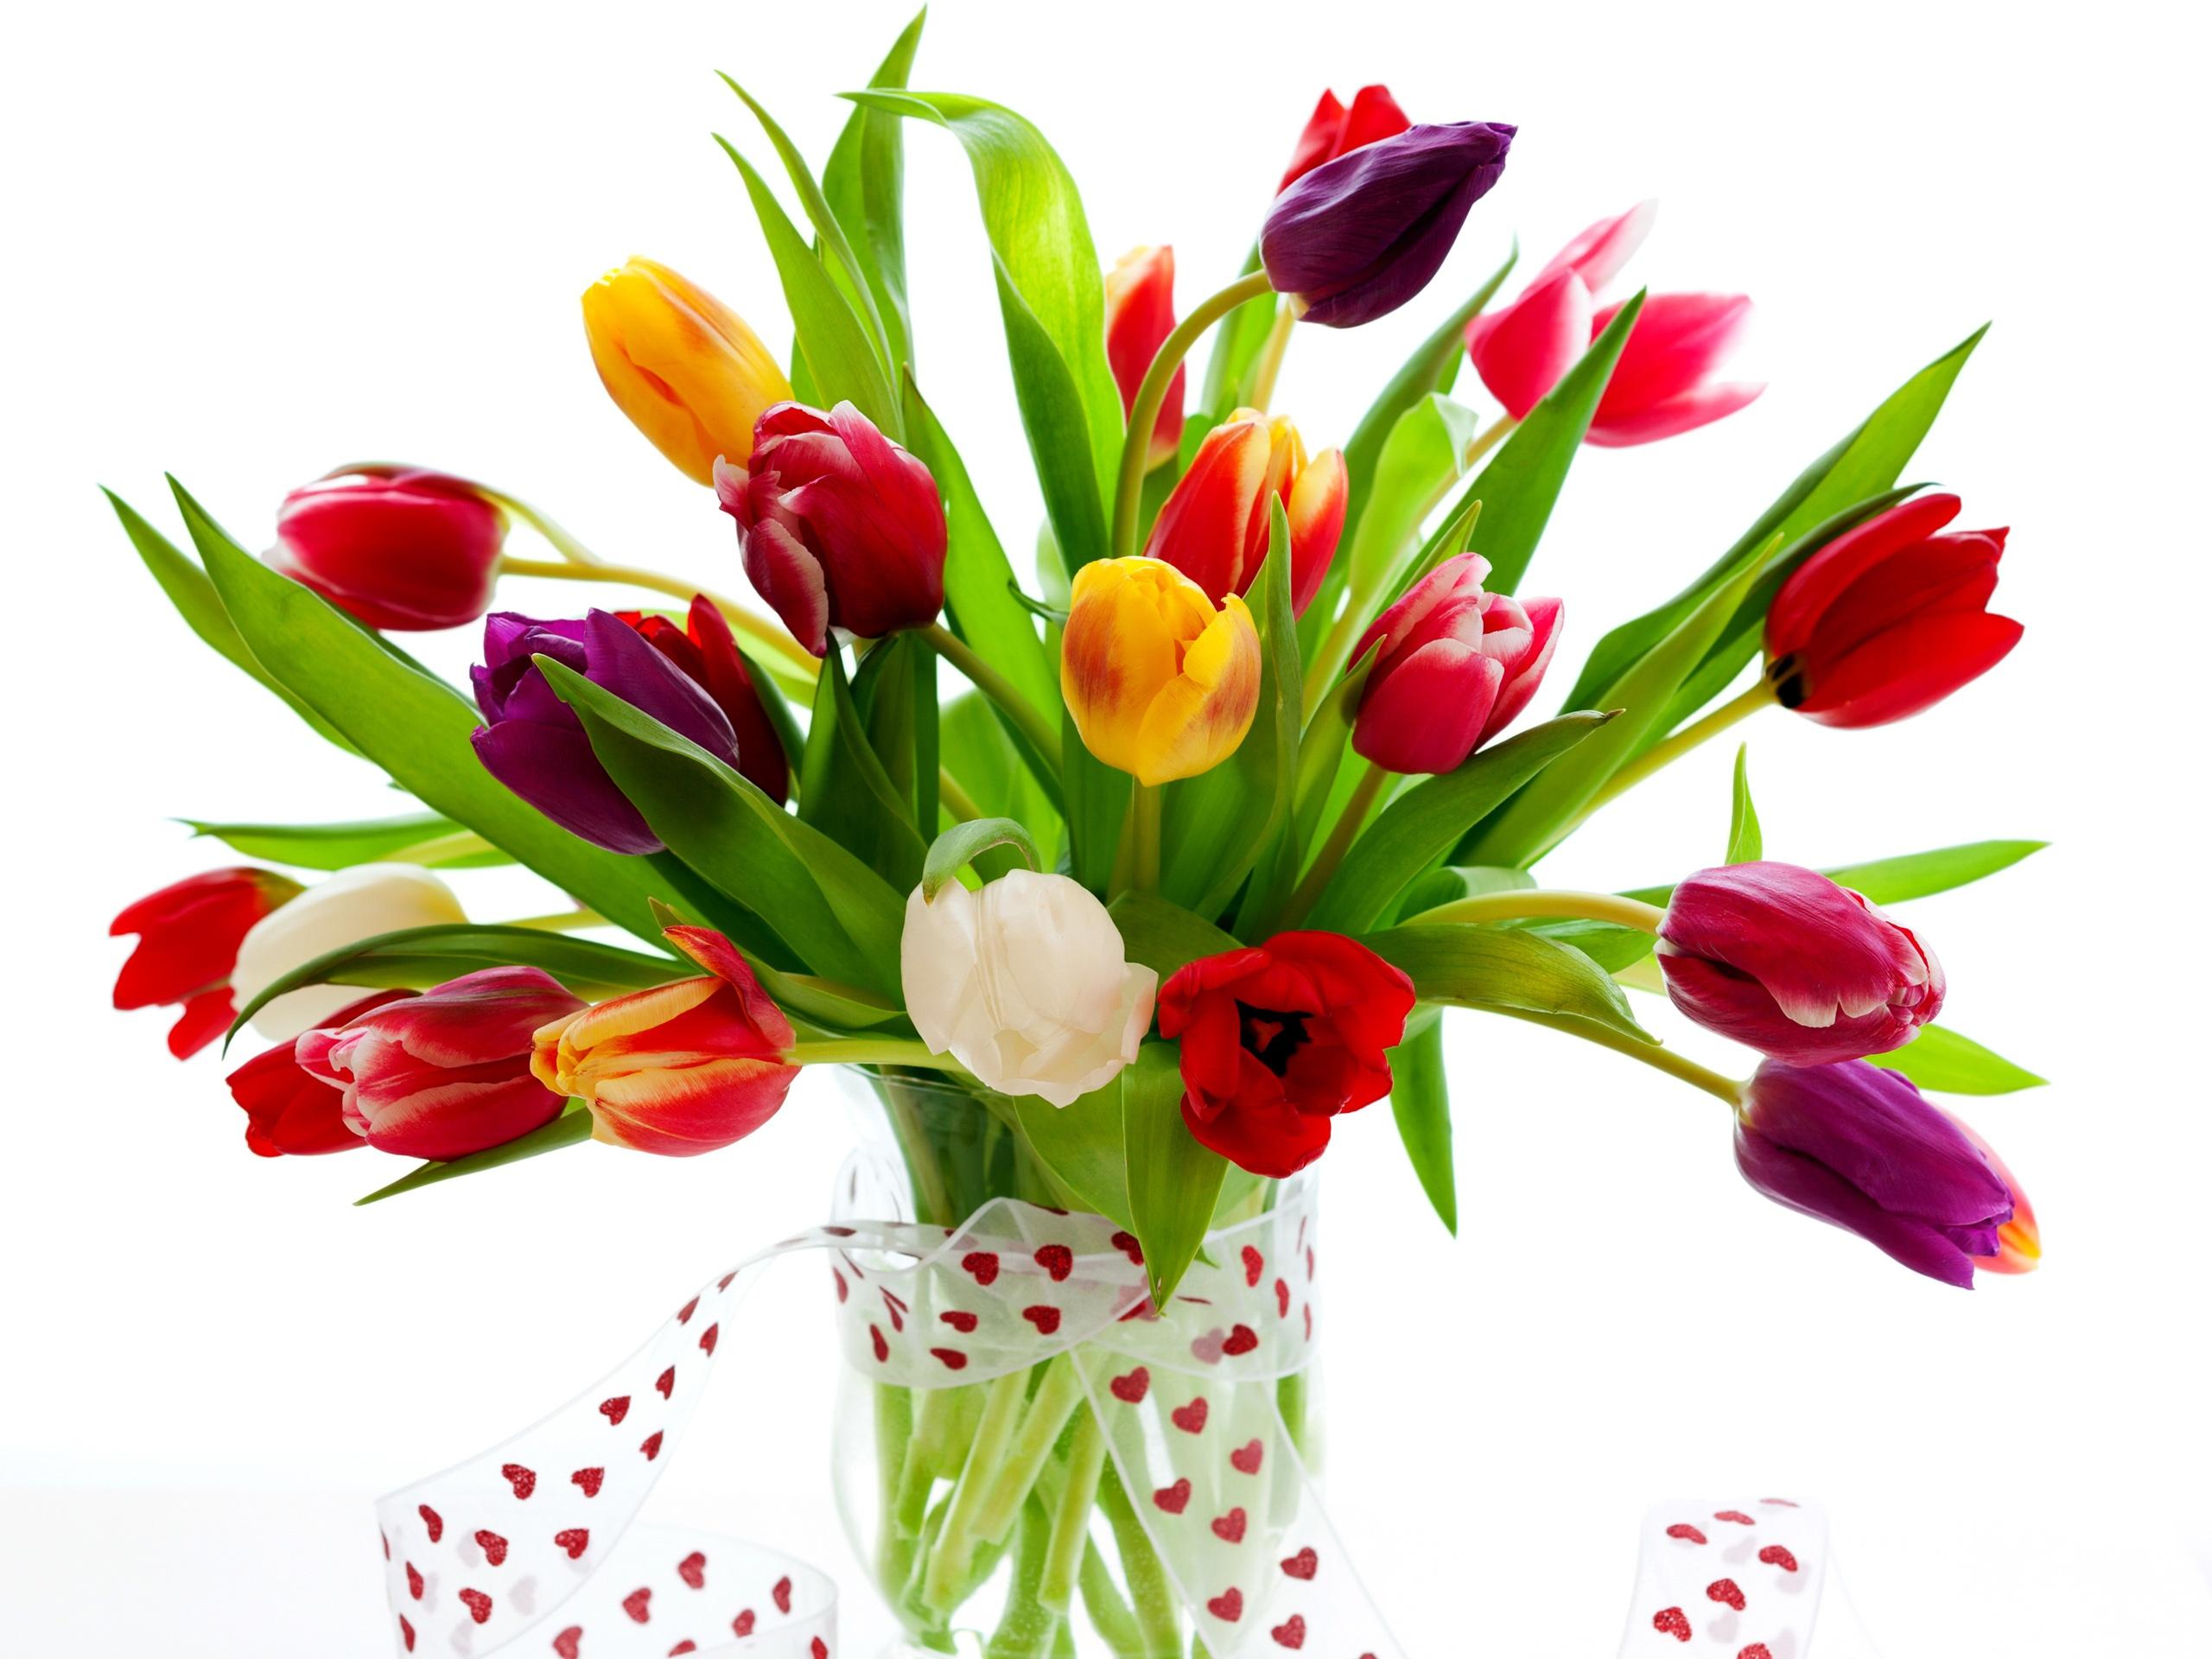 Romantische geschenke tulpen hintergrundbilder for Romantische geschenke